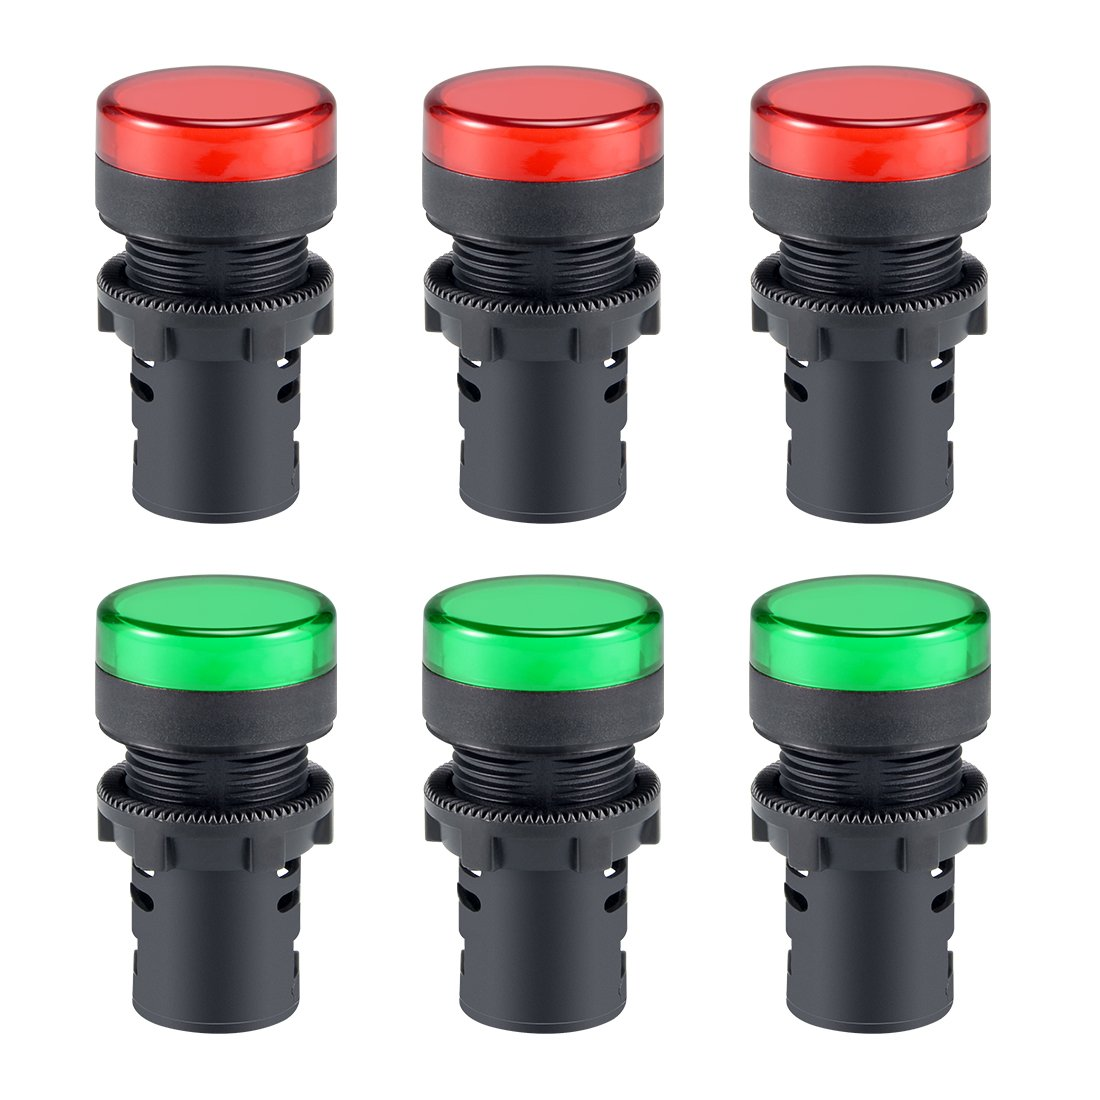 Flush Panel Mount 7//8 22mm Red+Green LED sourcing map 6Pcs AC//DC 12V Indicator Lights